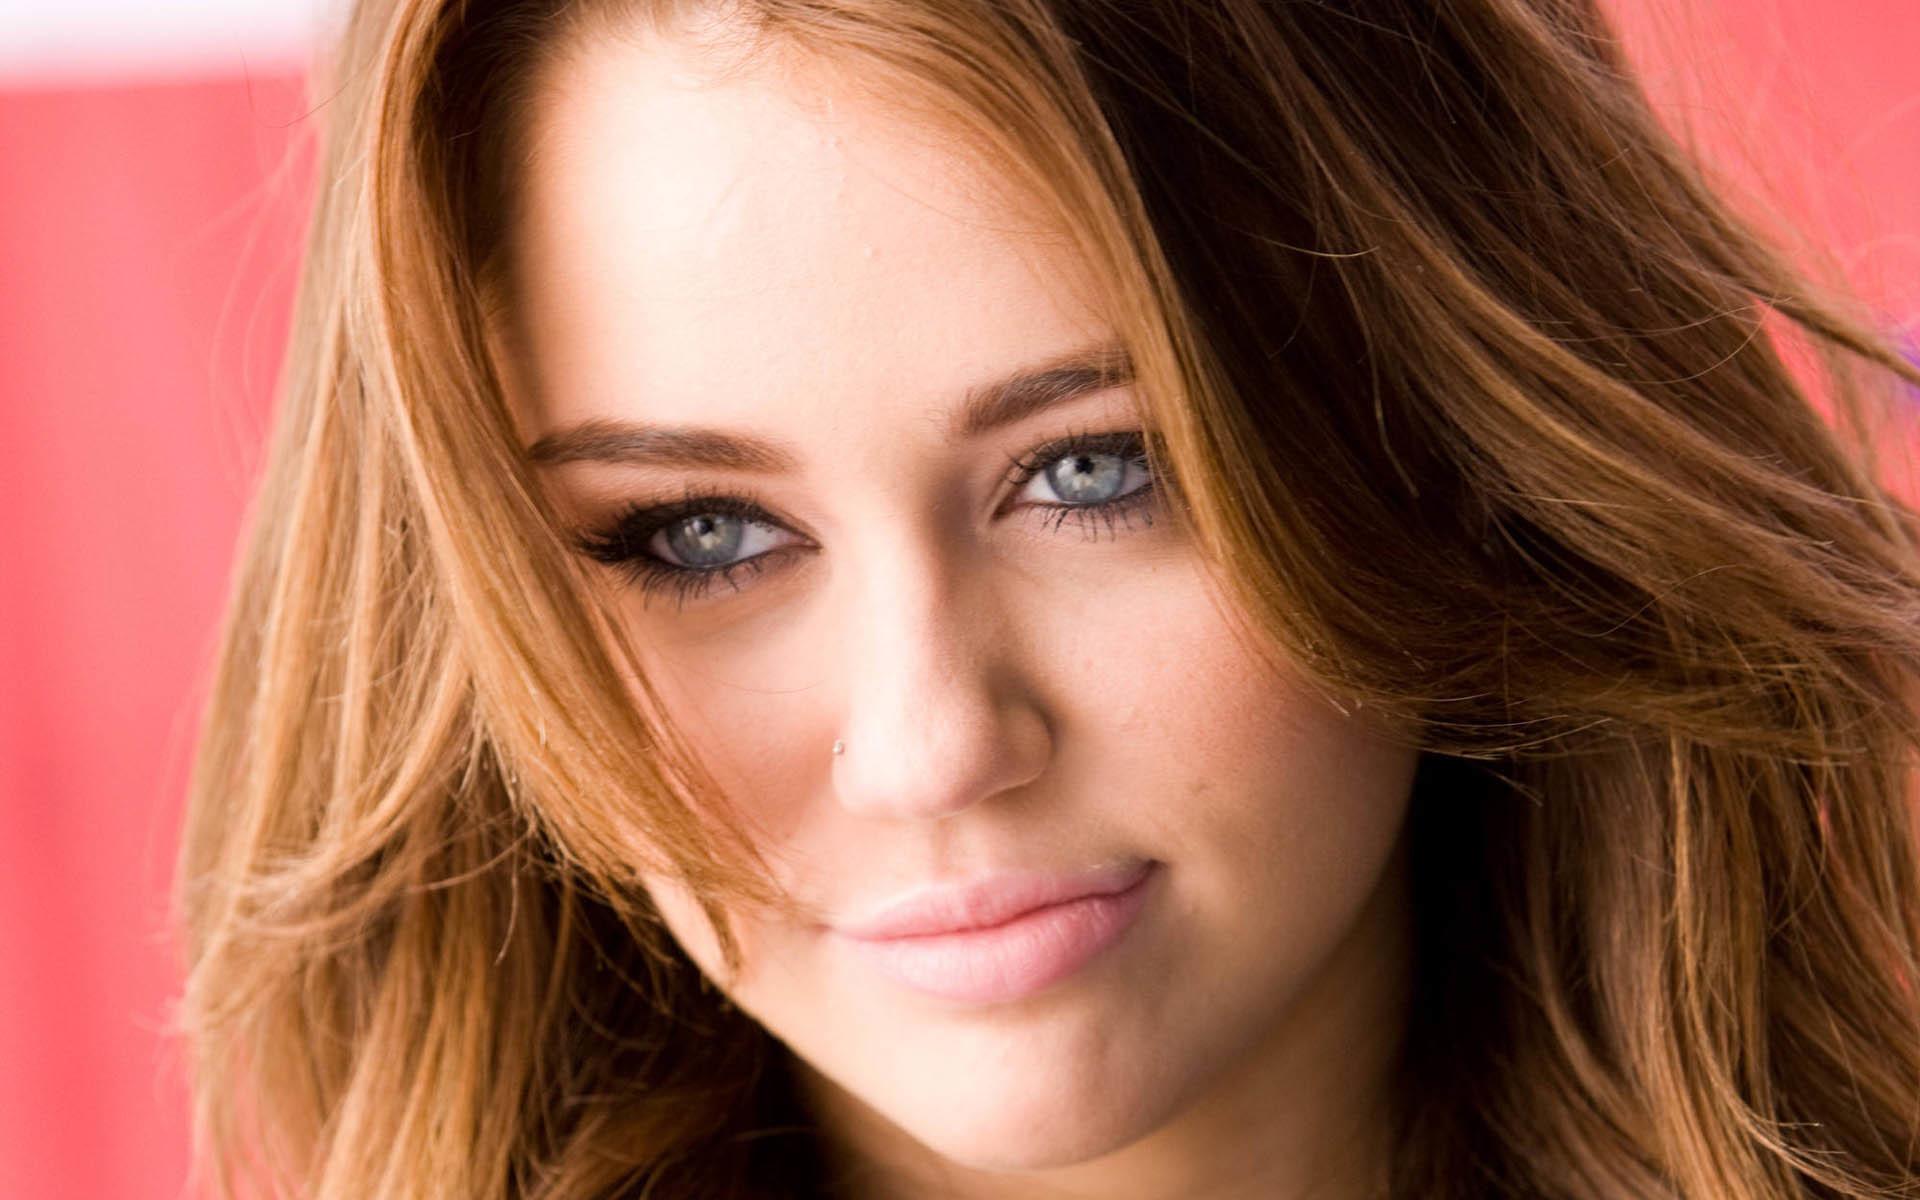 Miley cyrus cum face